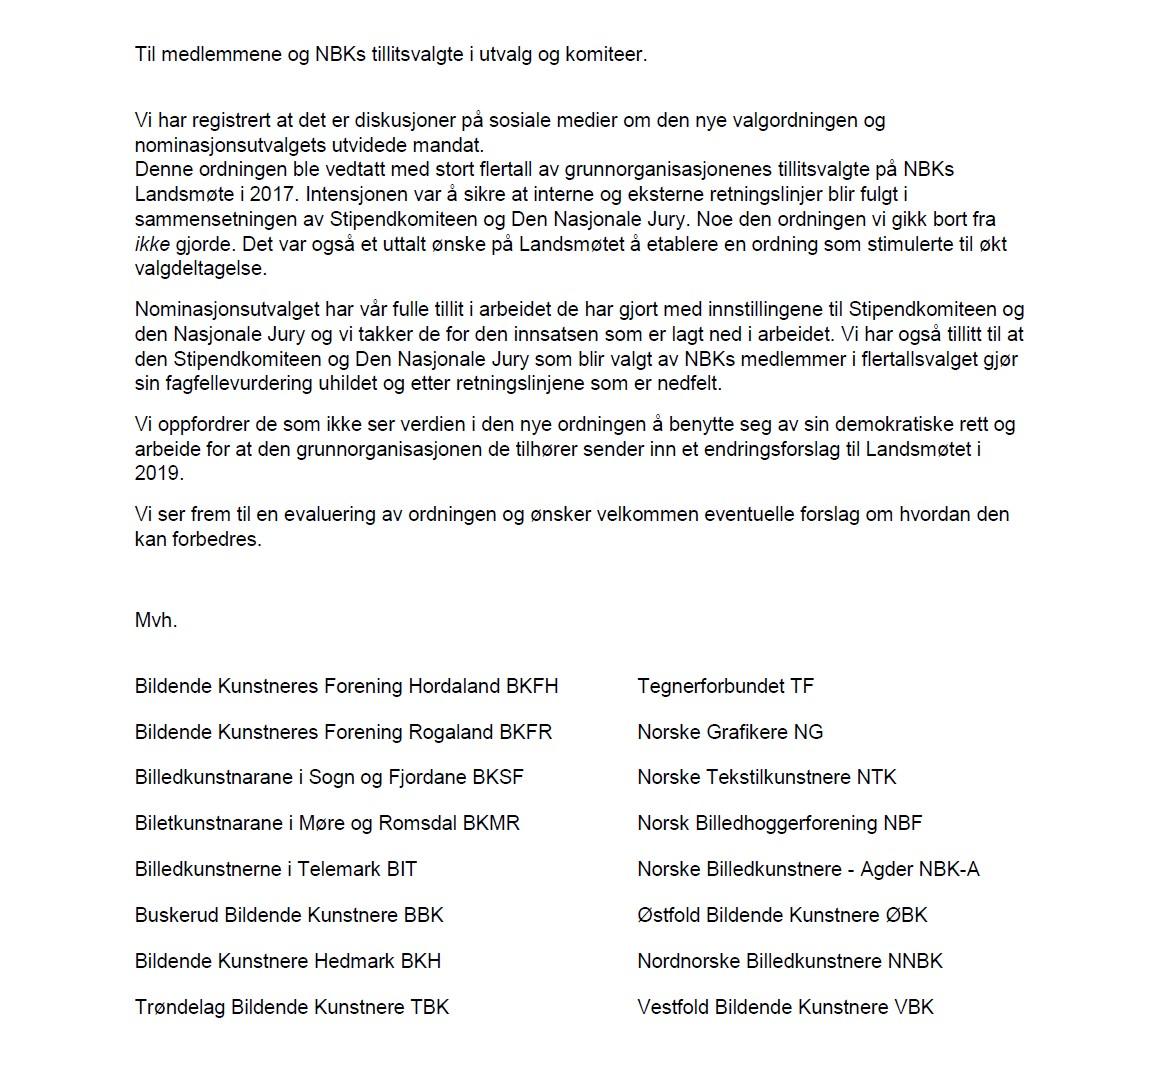 2017-09-10 Til medlemmene og NBKs tillitsvalgte i utvalg og komiteer.jpg